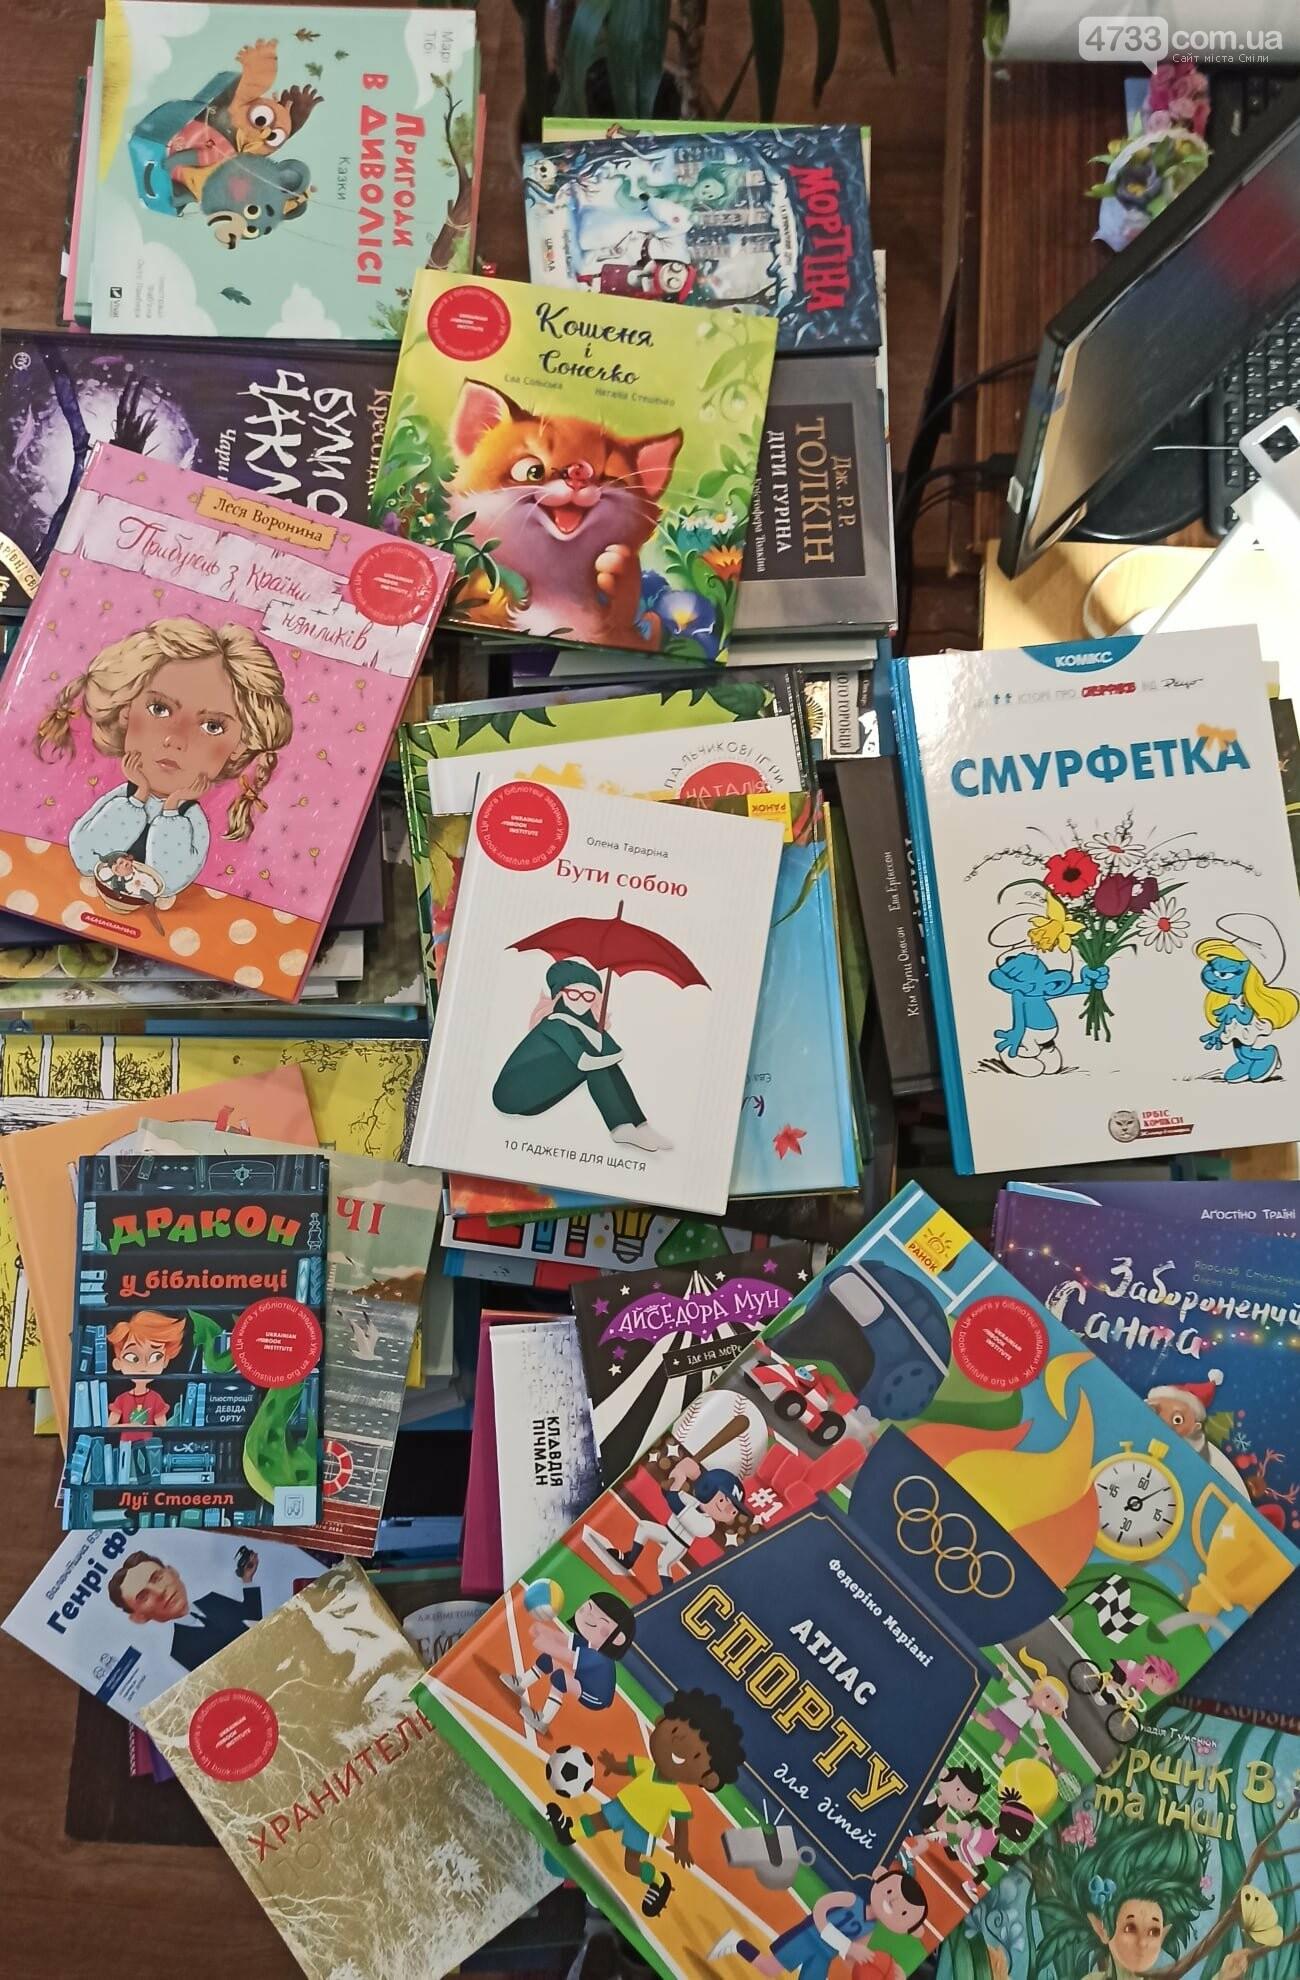 Фонд Центральної дитячої бібліотеки поповнився 510 книгами, фото-1, Дитяча бібліотека